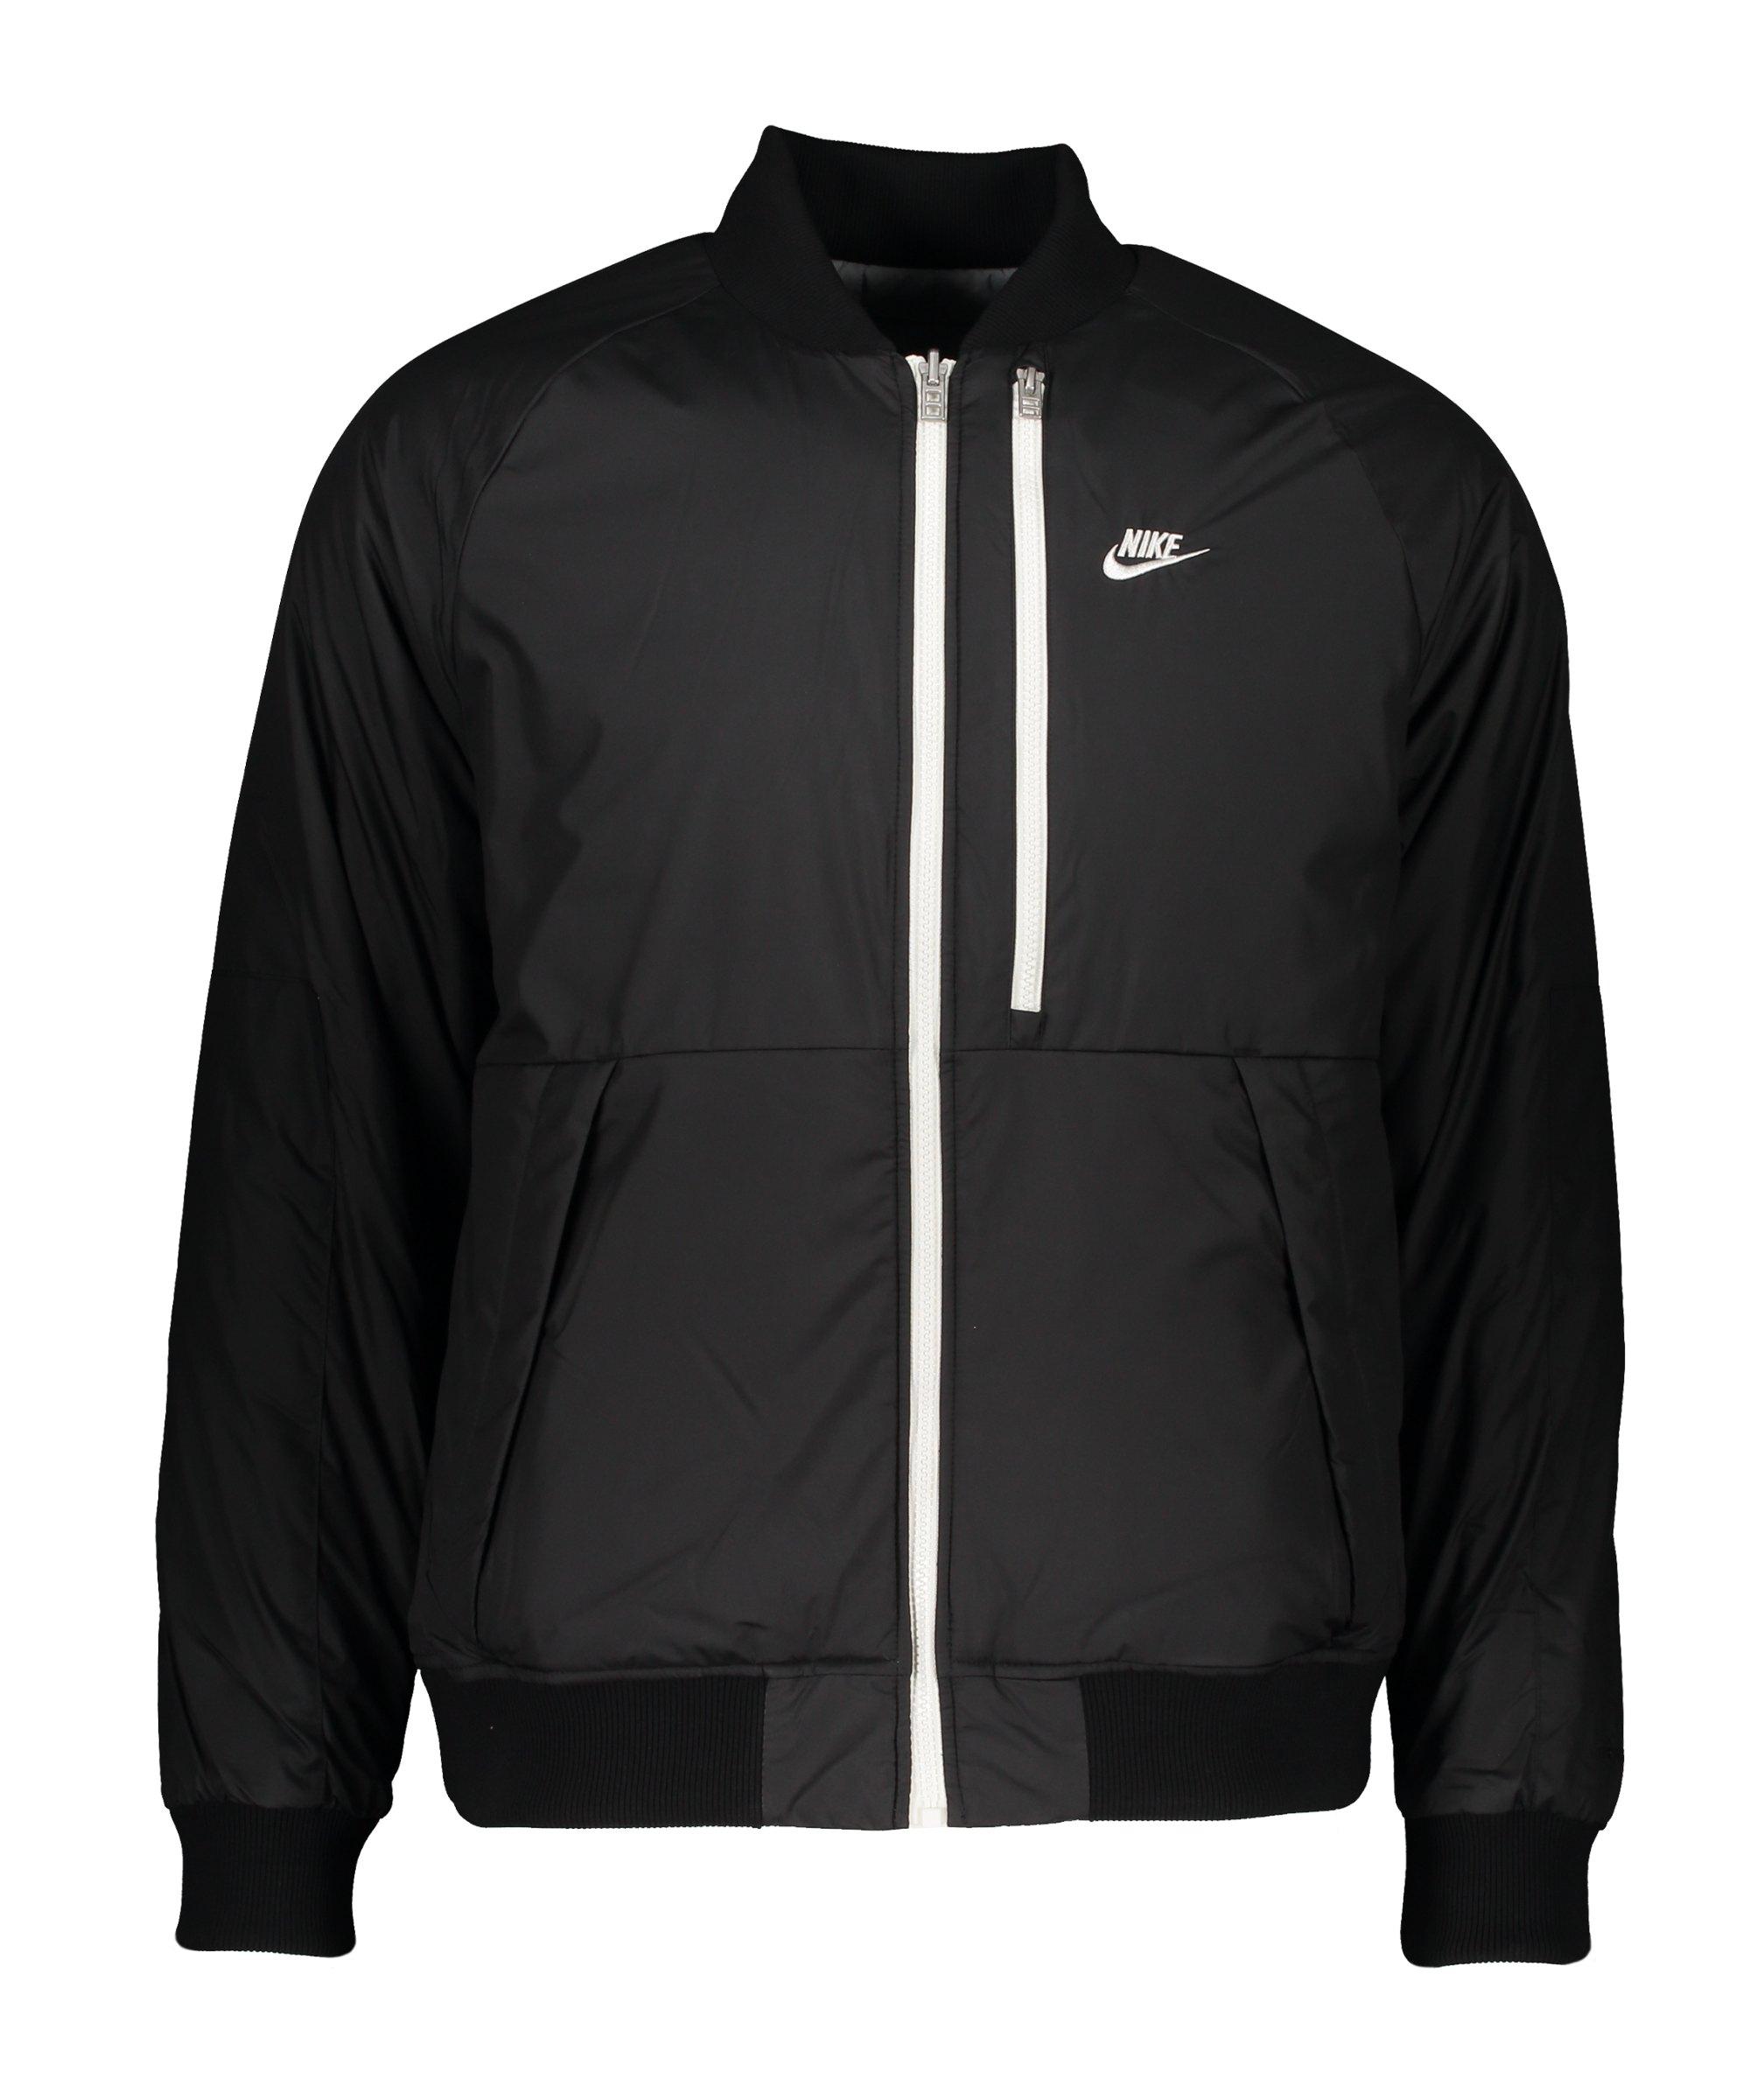 Nike Therma-FIT Legacy Bomber Jacke Schwarz F010 - schwarz